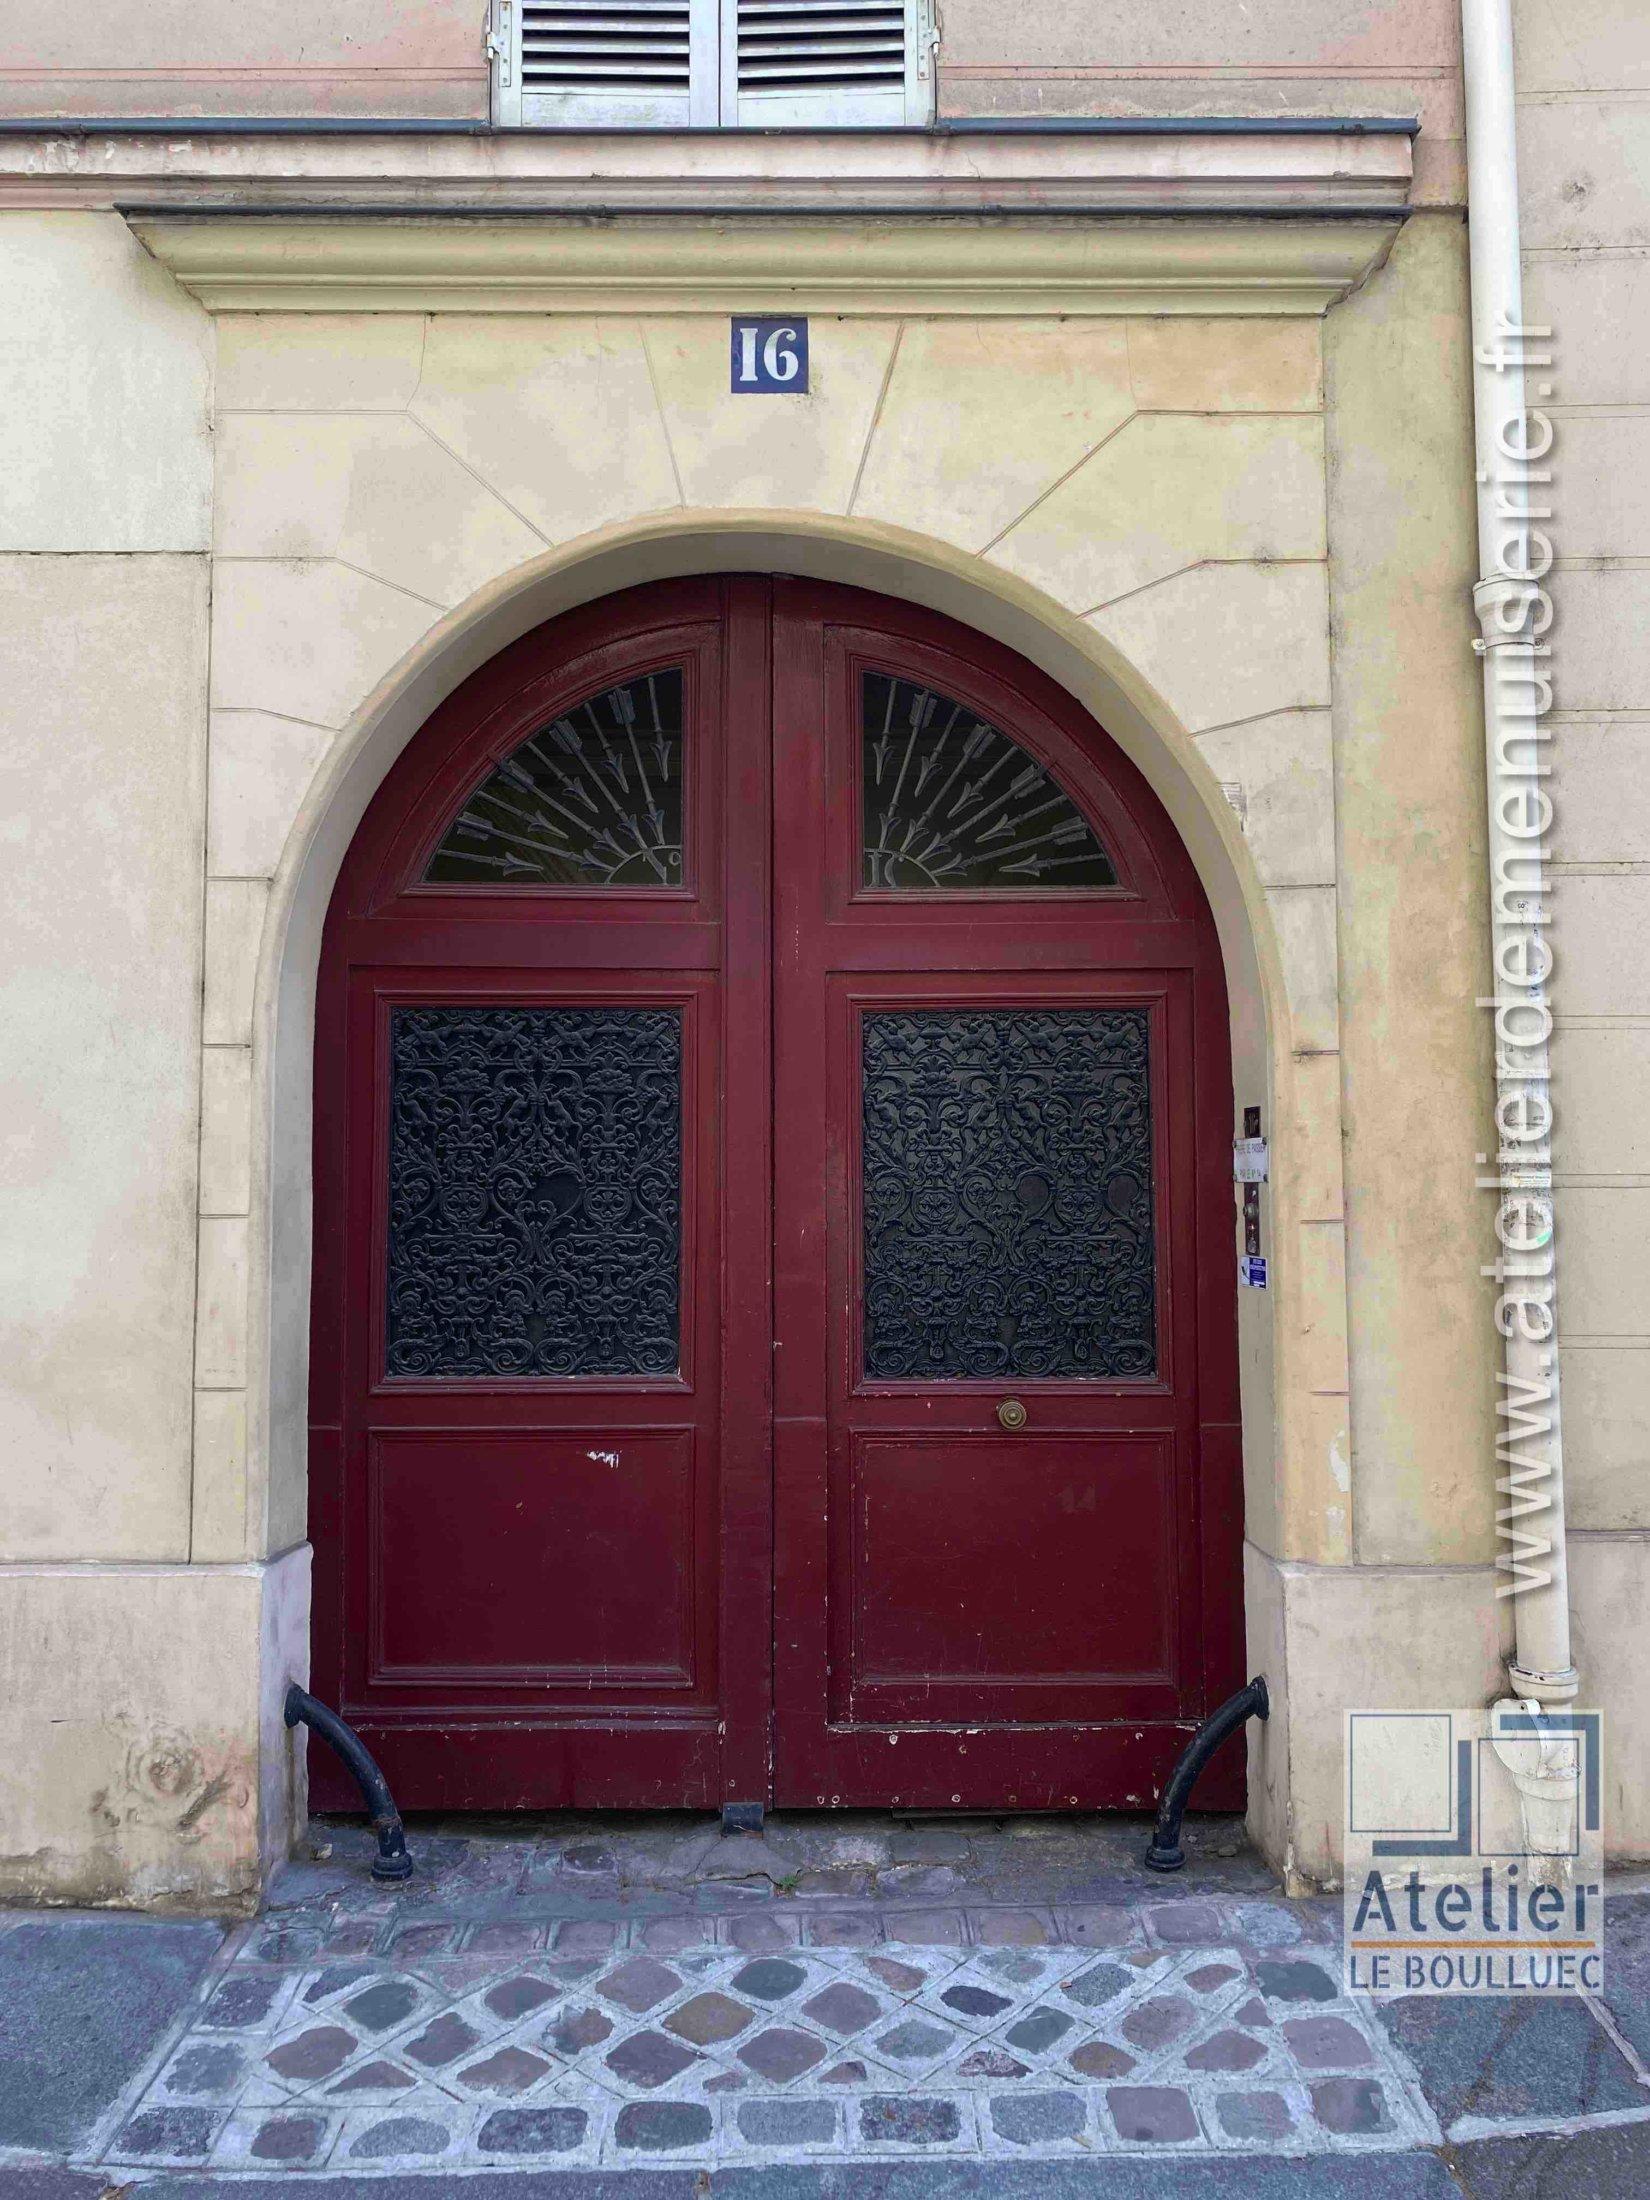 Porte Cochère - 16 RUE DES LIONS SAINT PAUL PARIS 4